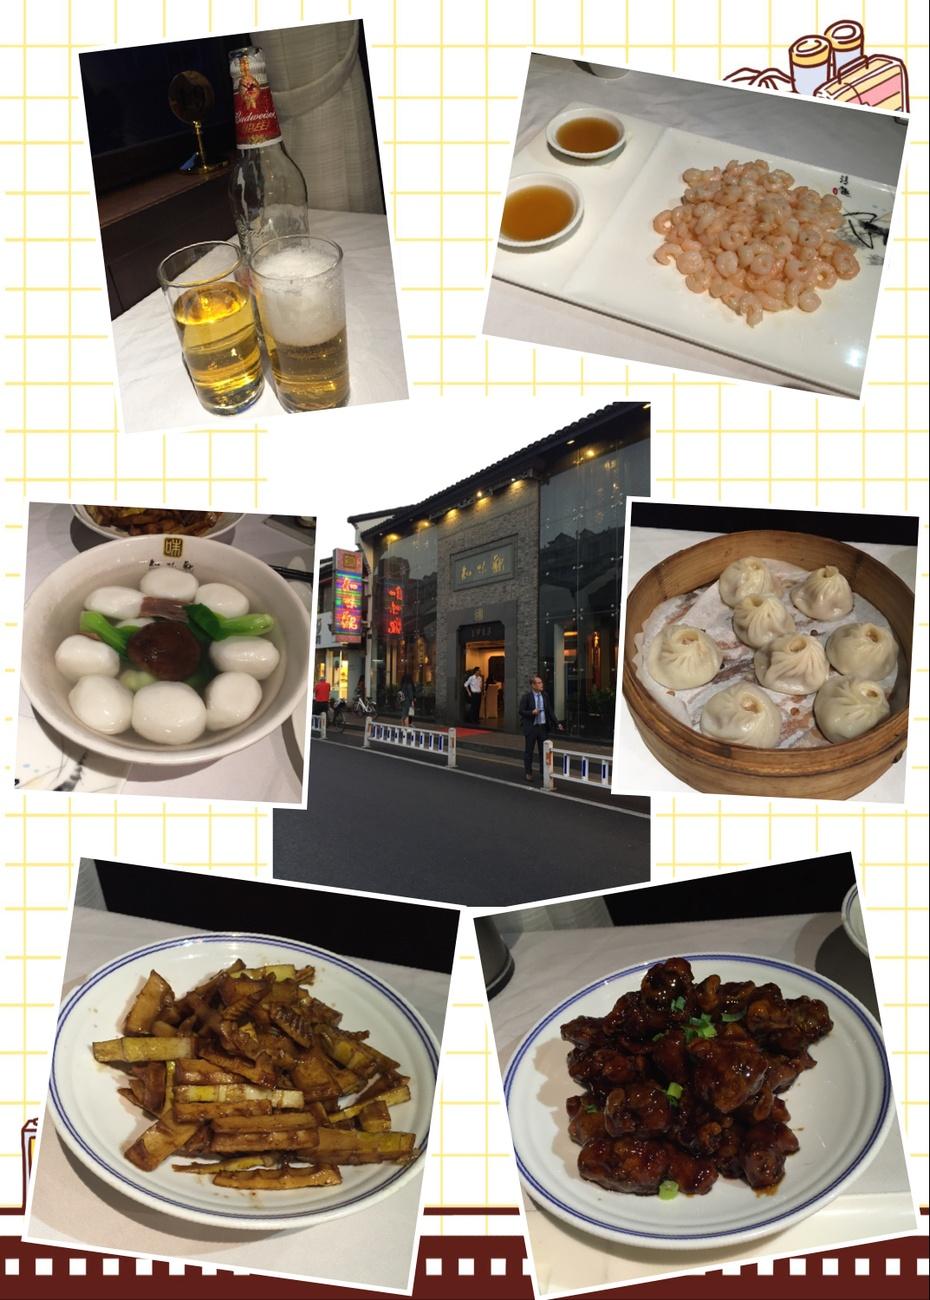 杭州美食 - 蔷薇花开 - 蔷薇花开的博客